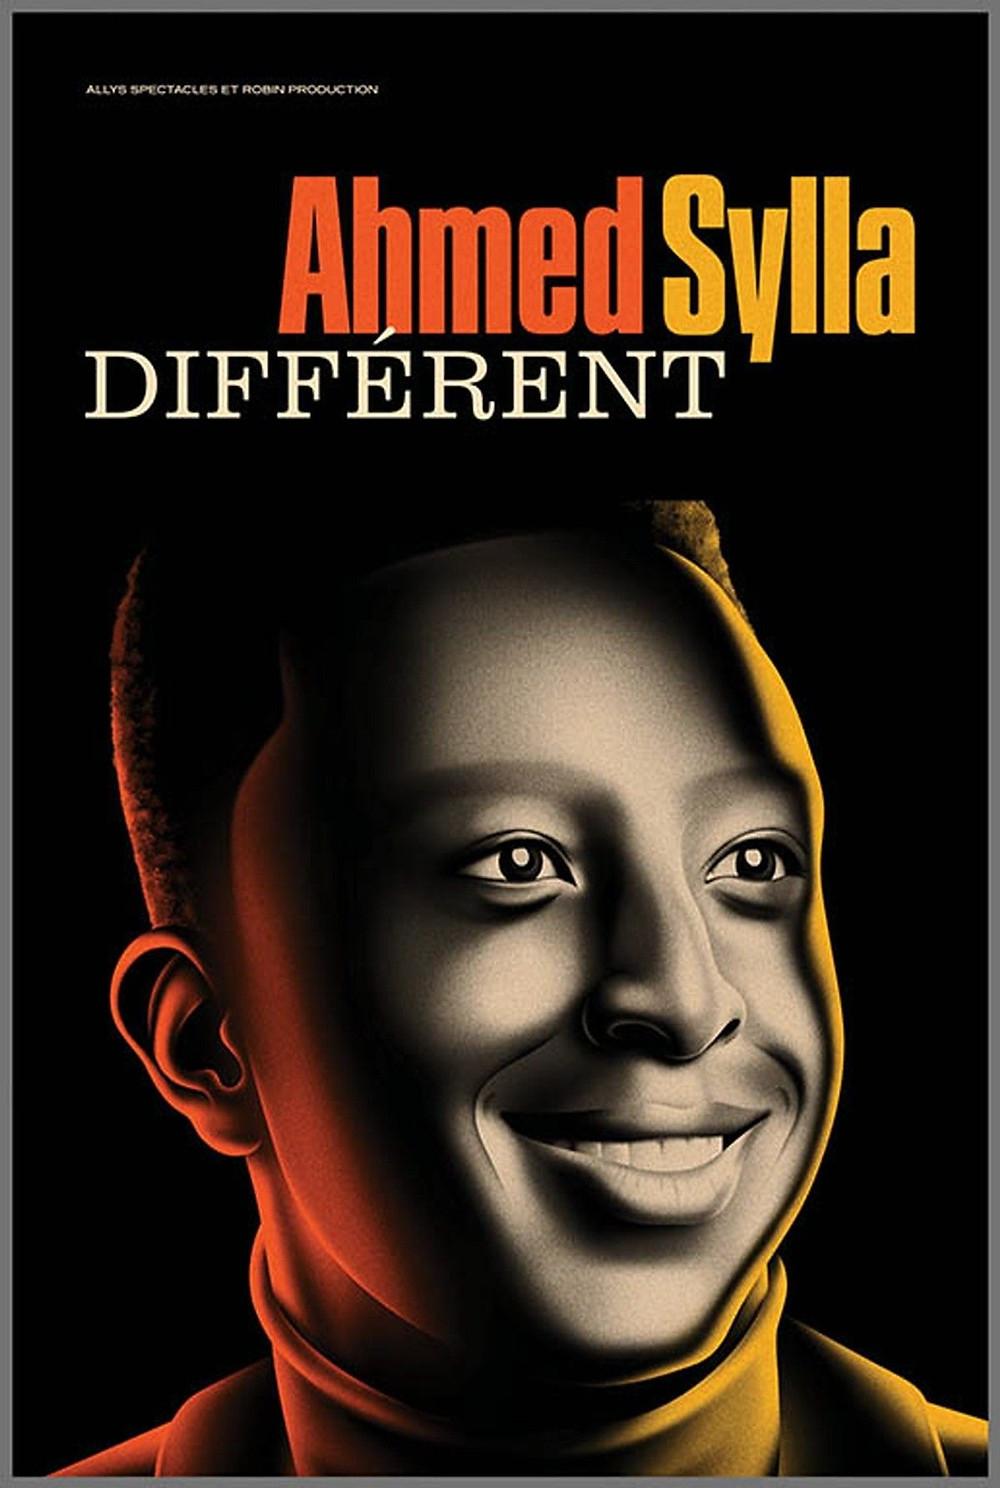 Affiche du dernier spectacle d'Ahmed Sylla. ©Pinterest